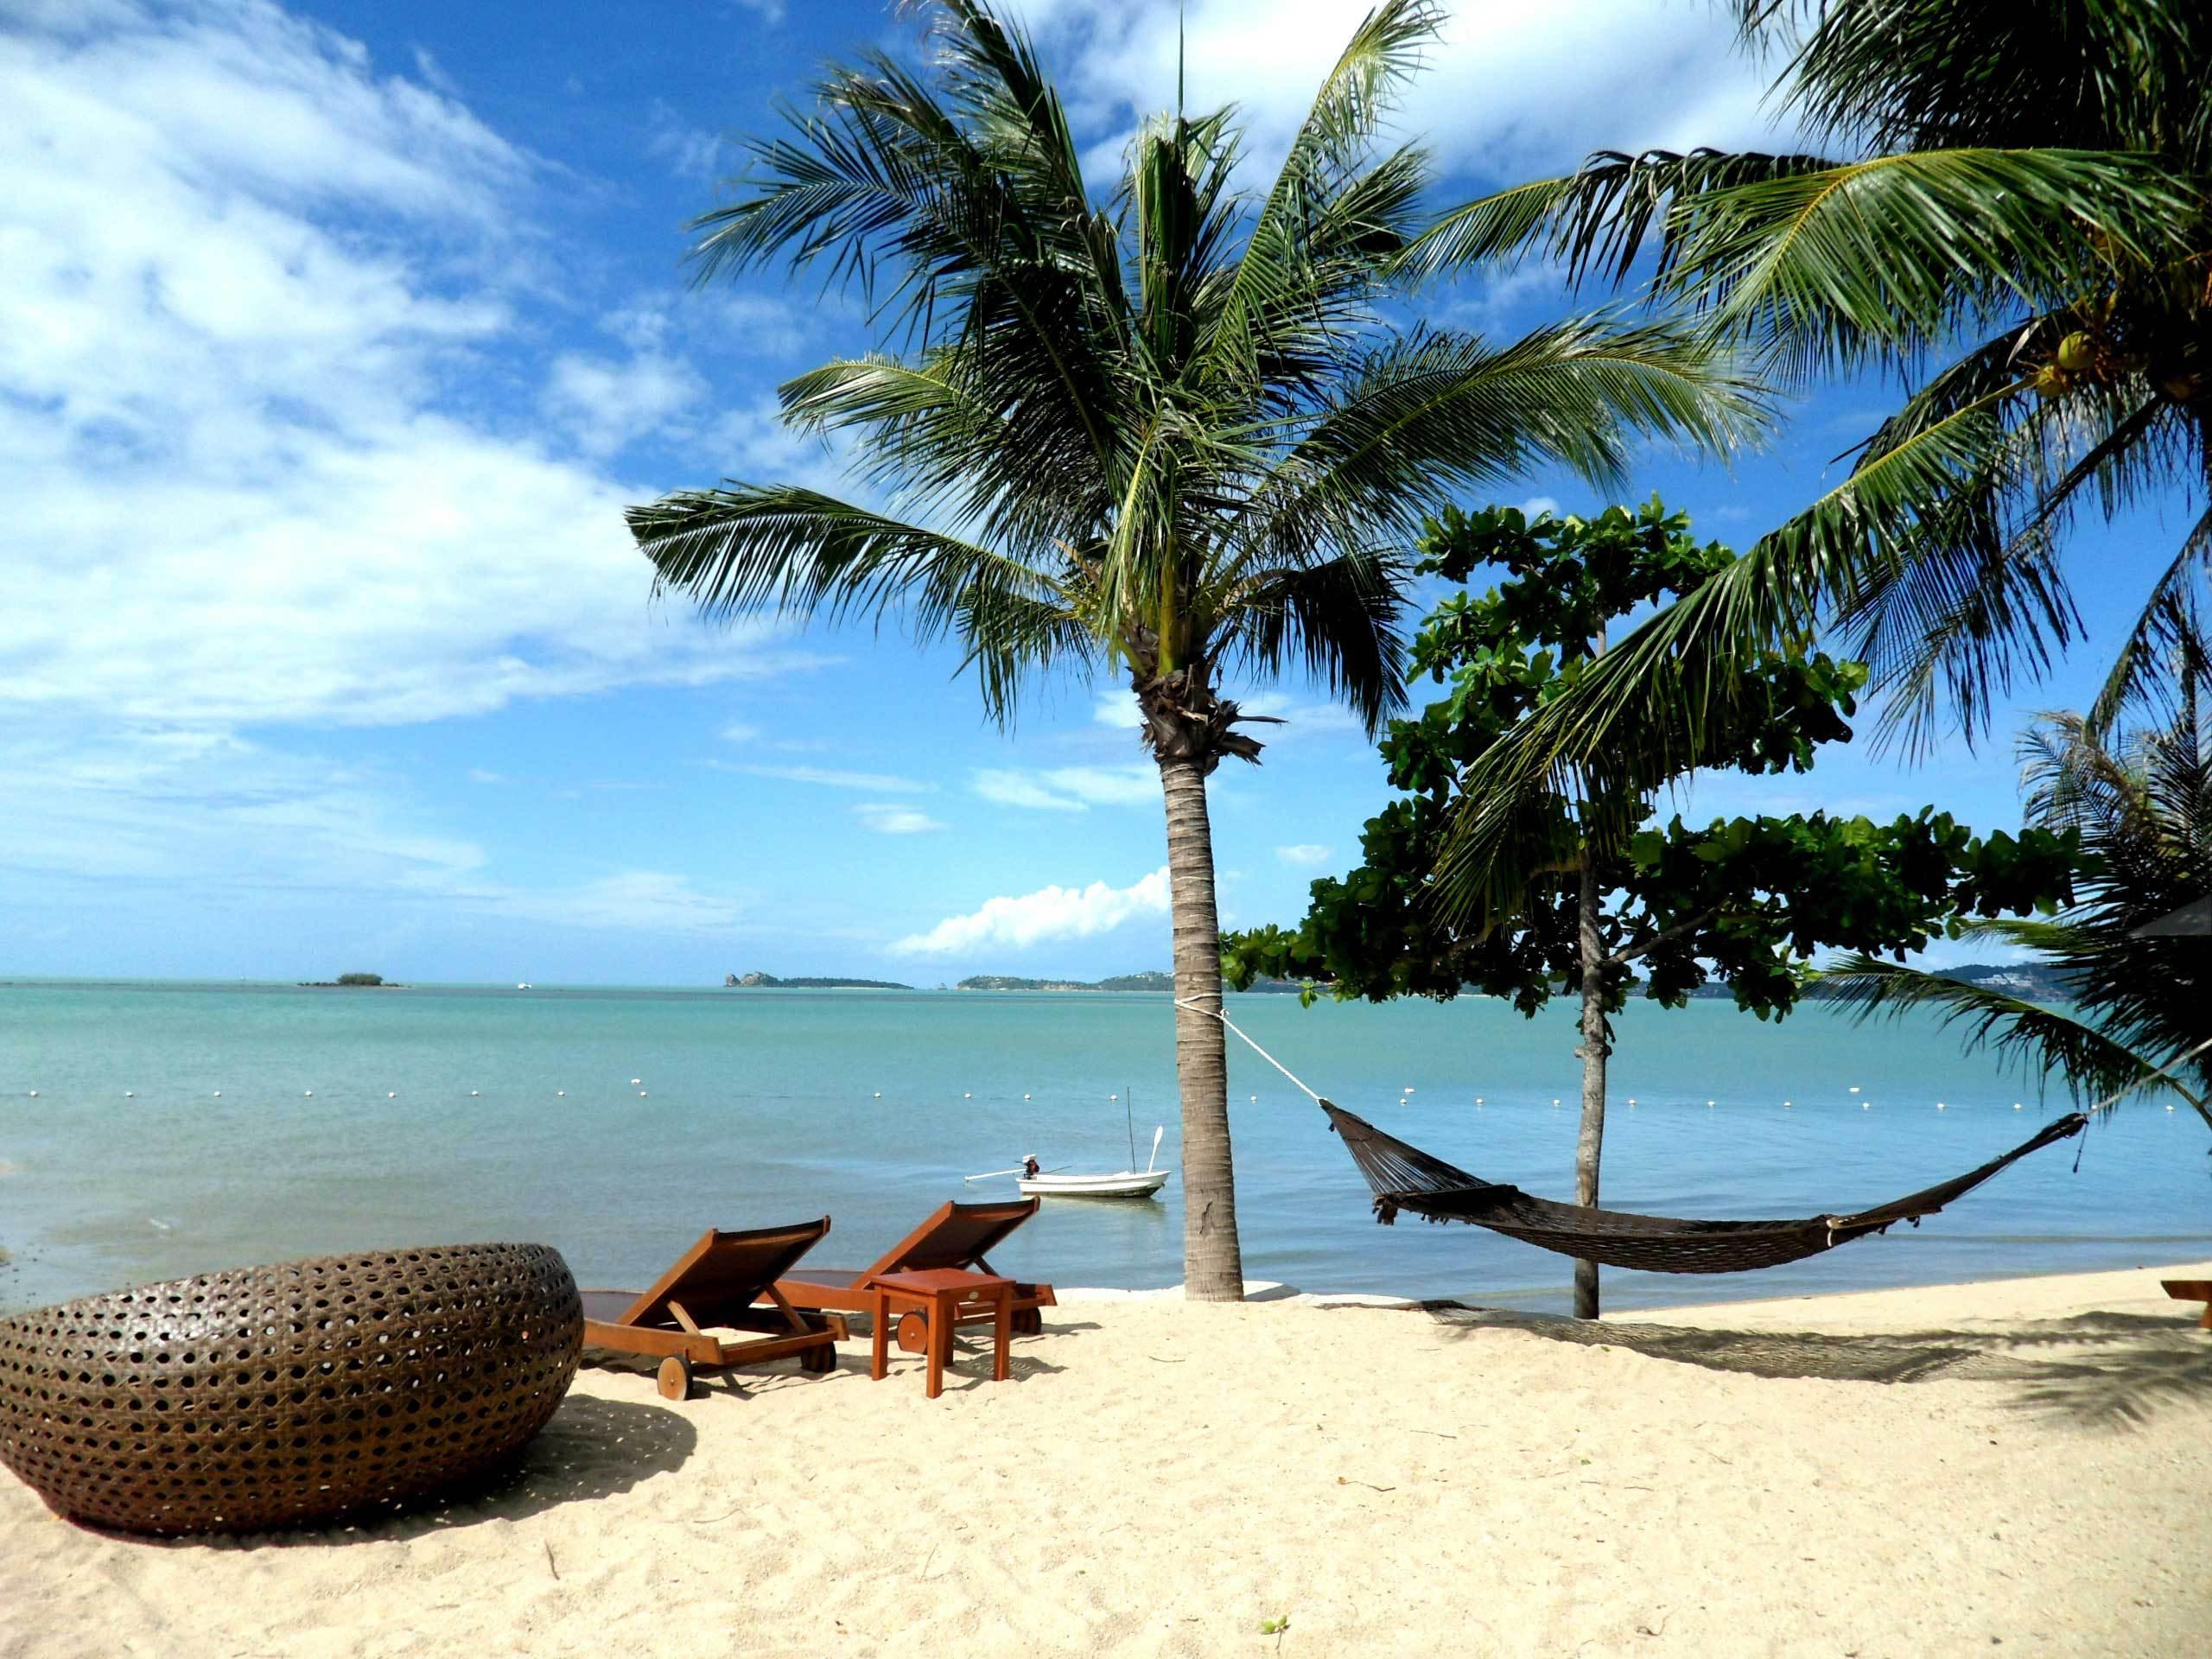 курорты таиланда в картинках время круз